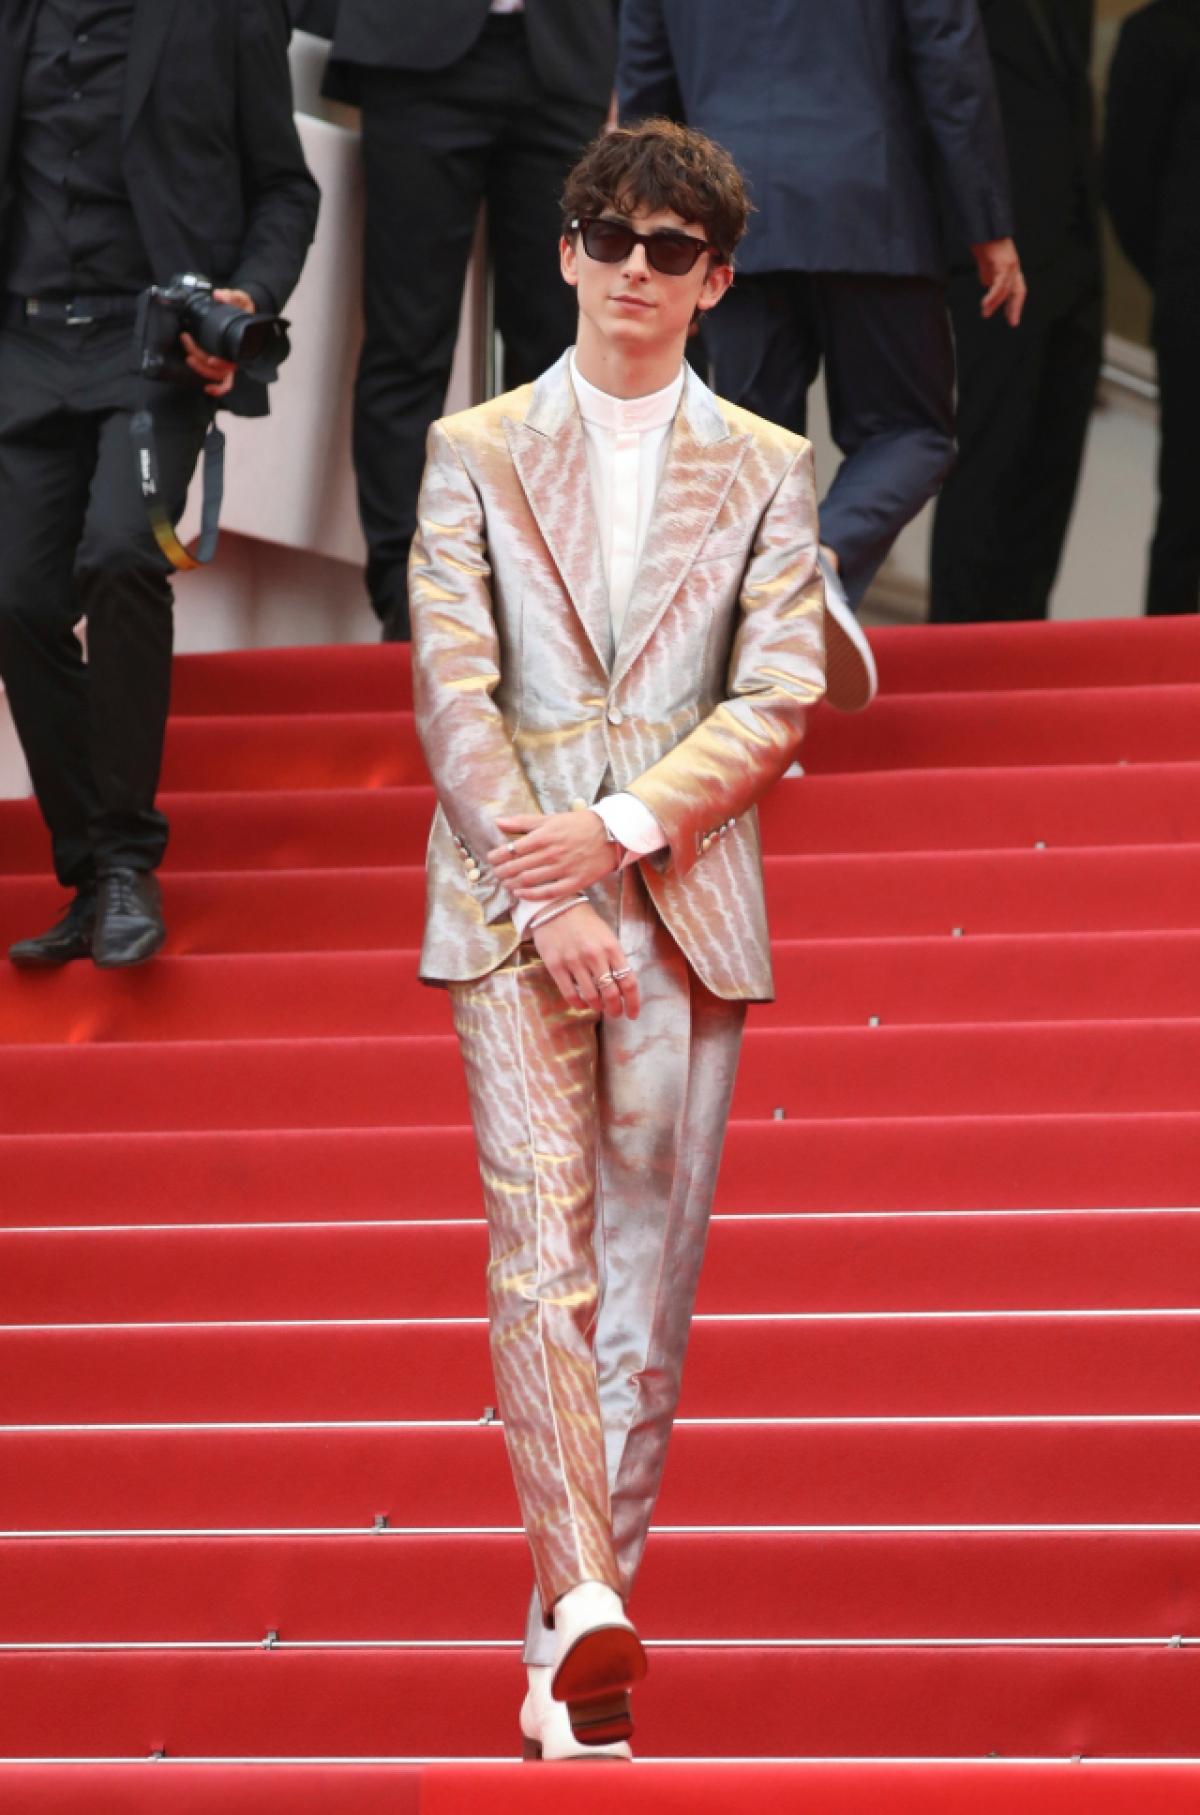 """Timothée Chalamet nhận được nhiều sự chú ý kể từ khi anh được đề cử giải thưởng Oscar vào năm 2017. Xuất hiện lần đầu tiên Liên hoan phim Cannes vào ngày 12/7 tại buổi ra mắt bộ phim """"The French Dispatch"""", Chalamet diện bộ vest Tom Ford màu bạc và vàng ánh kim kết hợp với giày bốt và kính râm đen."""